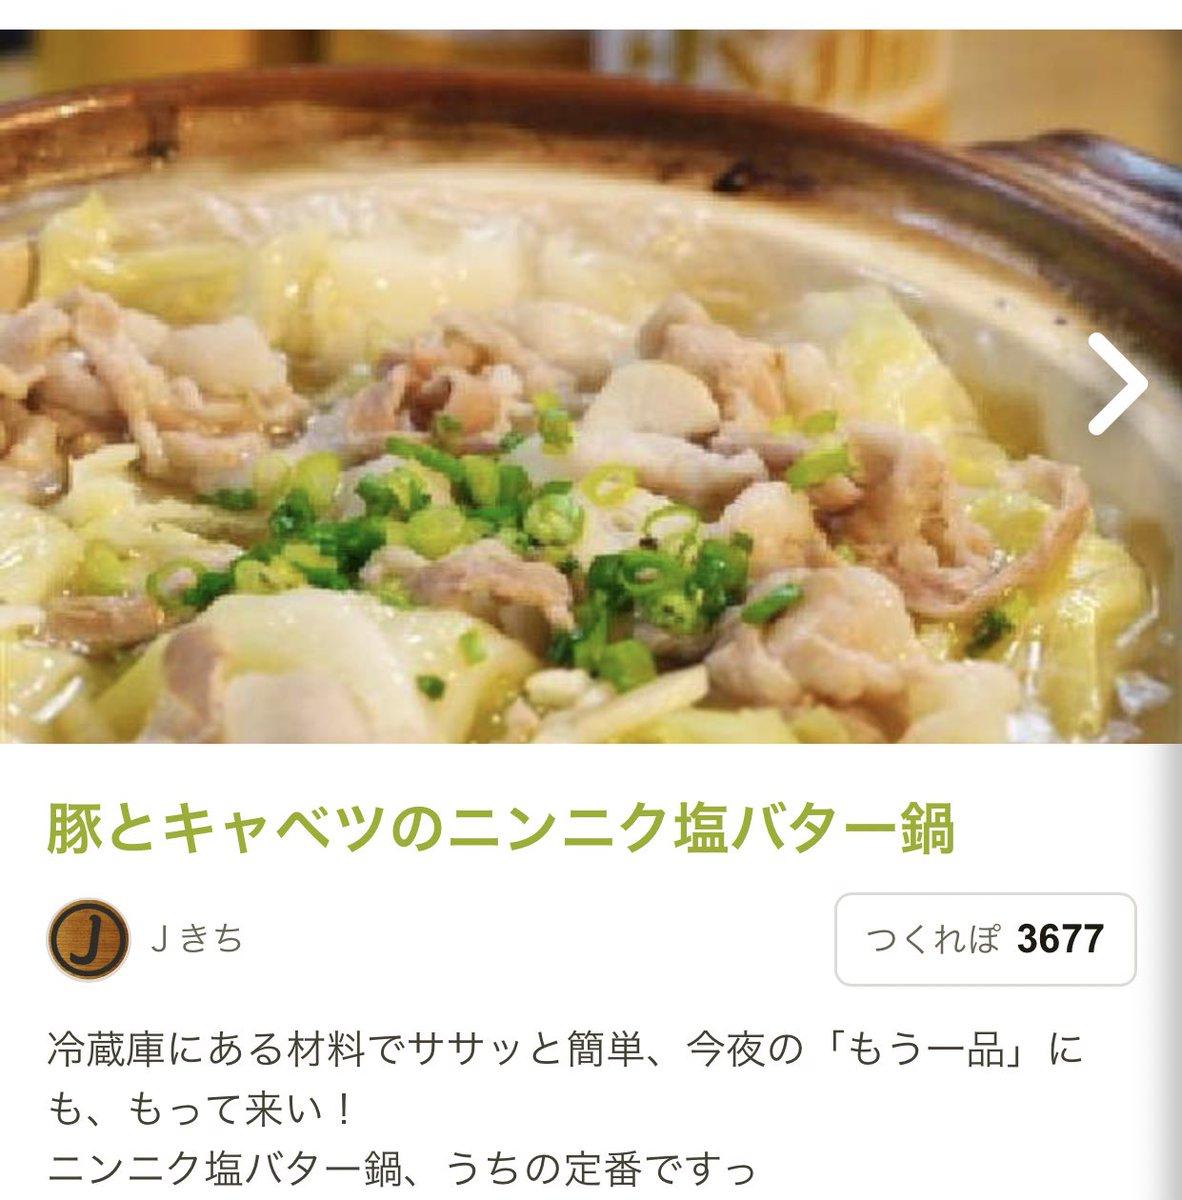 Jきちさんのニンニク塩バター鍋、毎年秋冬の定番鍋化してる!鍋用スープ準備しなくていいのが助かる~!超簡単で超美味しいからみんなもやろ~~😋